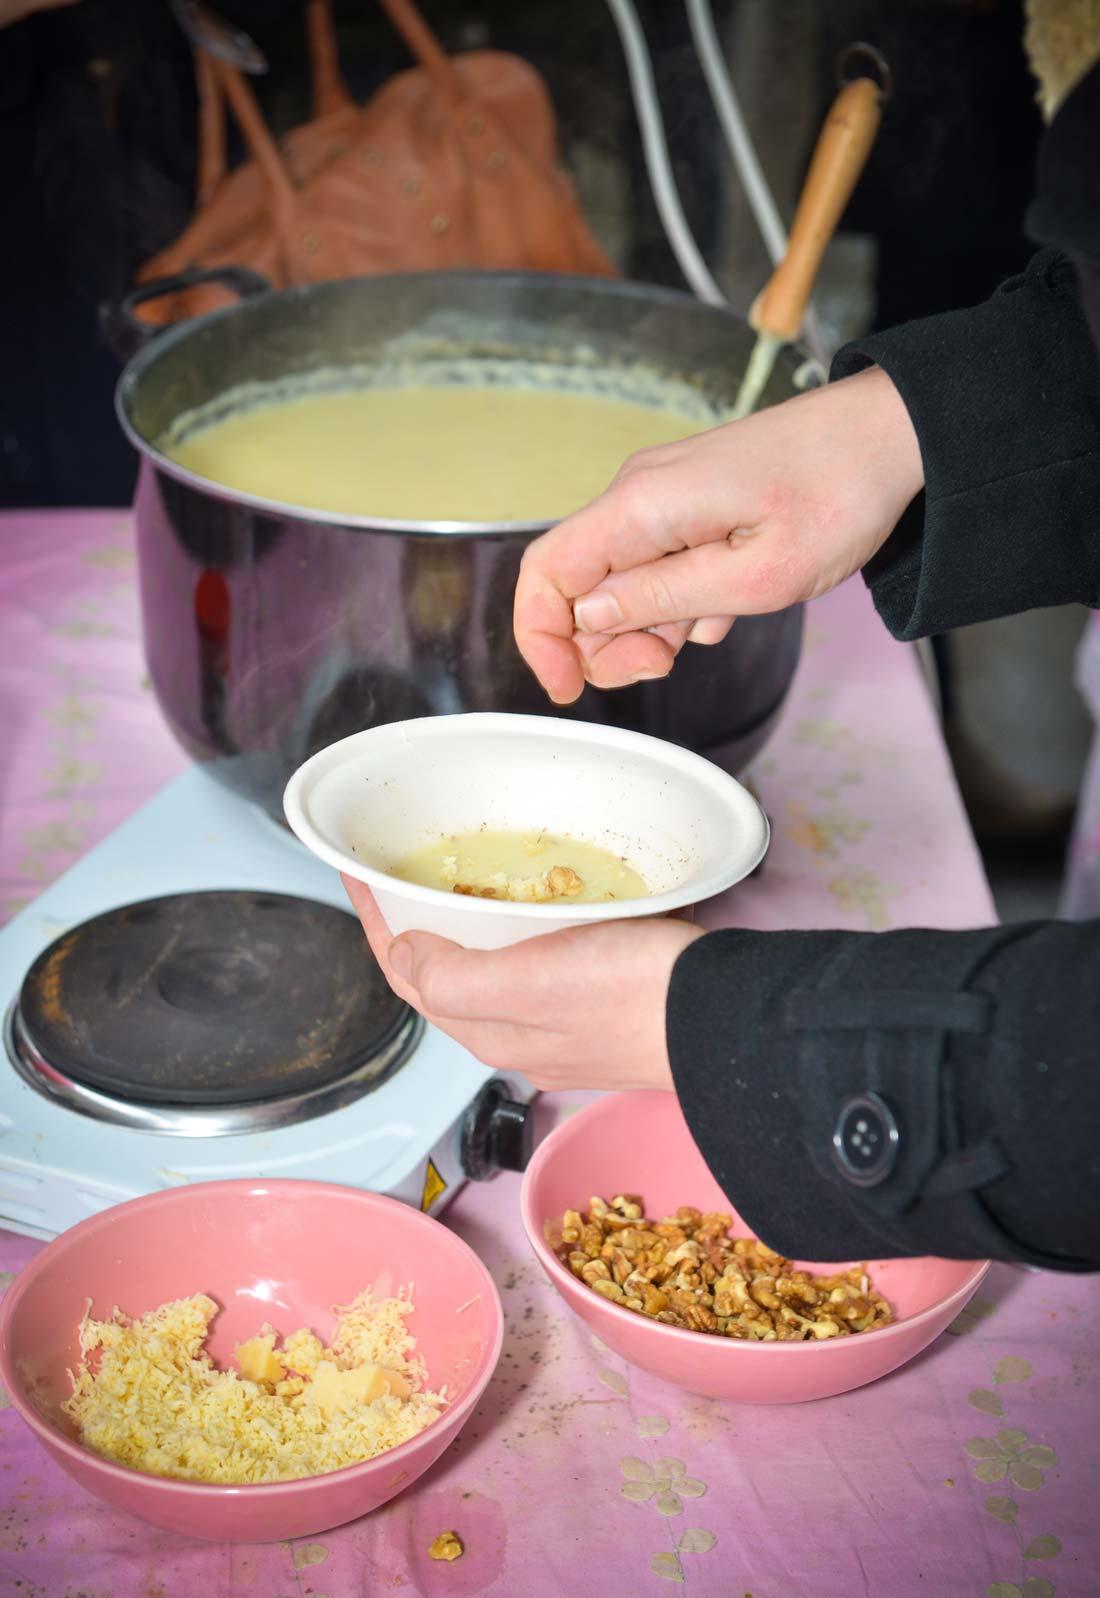 en cours de préparation chez amoureusement soupe en 2013